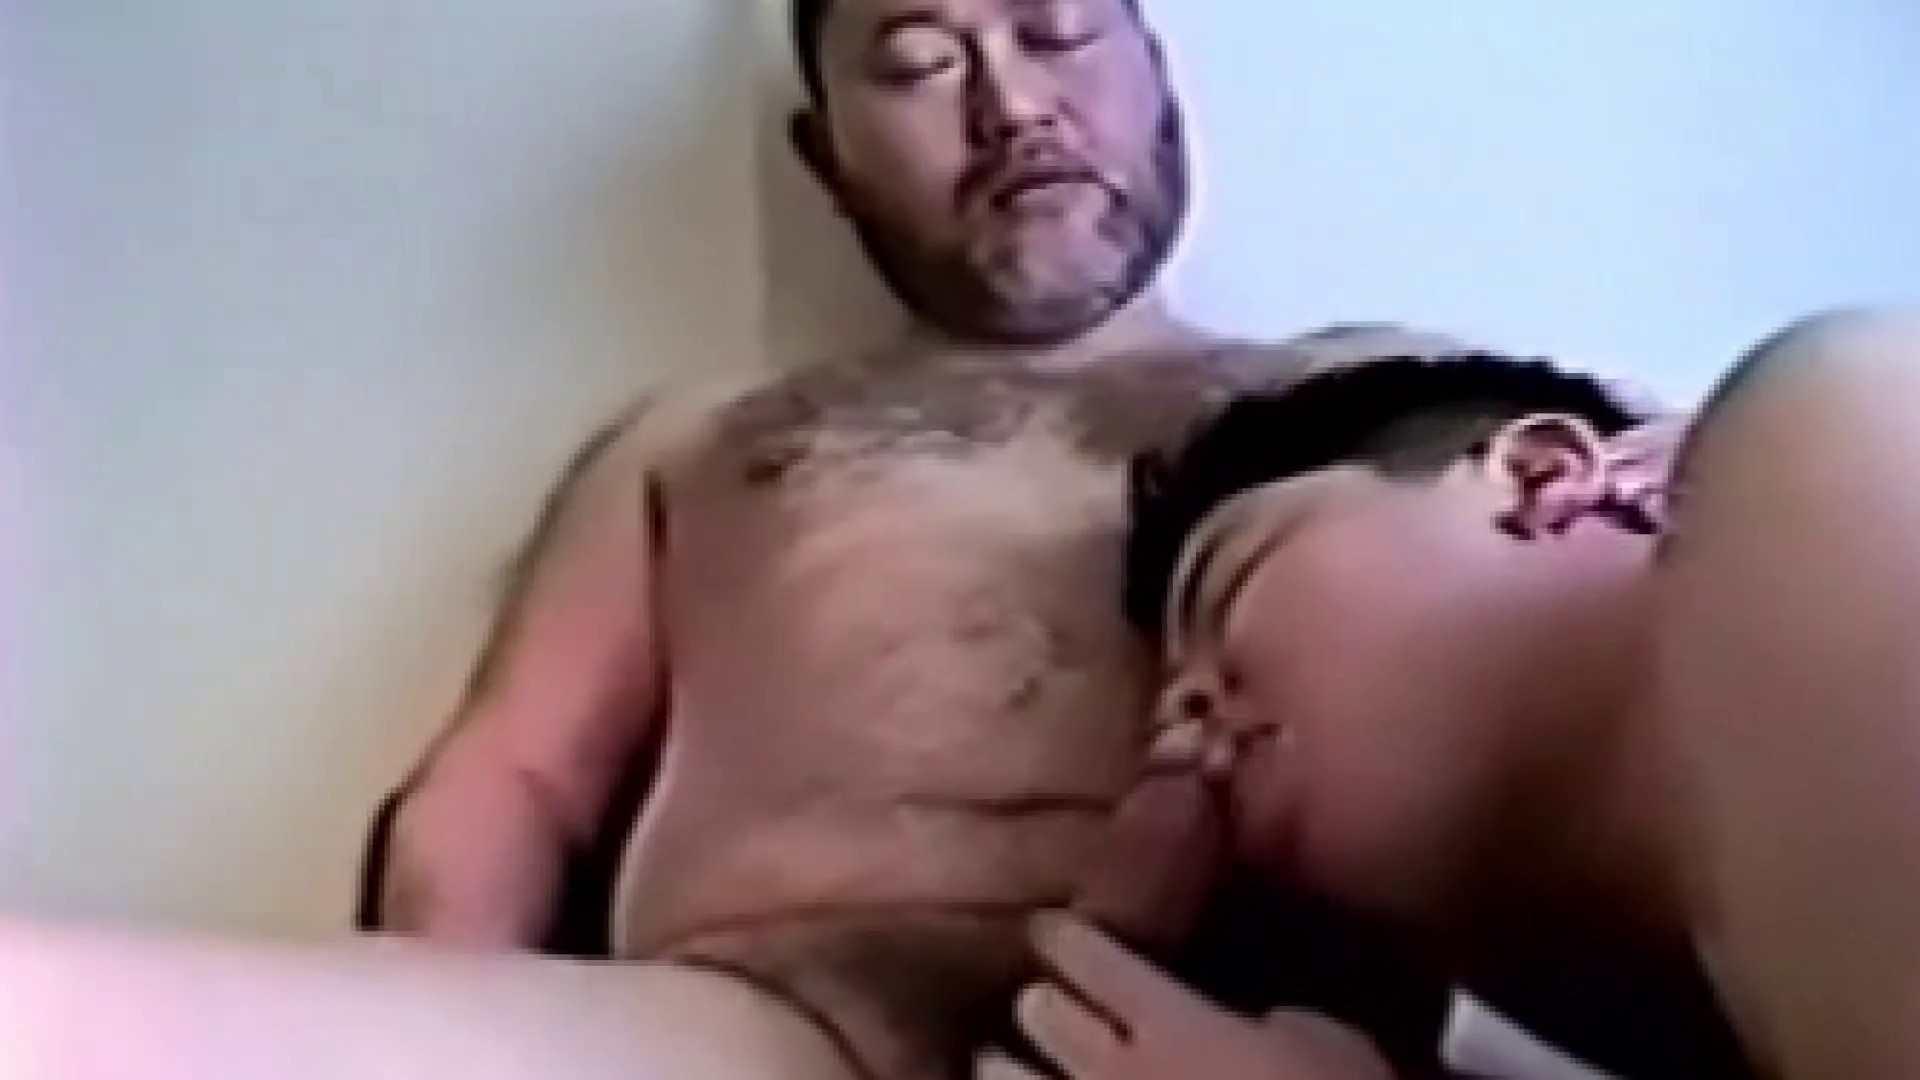 ぽっちゃり君とおじさんのH 前編 ぽっちゃり ゲイ無修正ビデオ画像 88pic 13